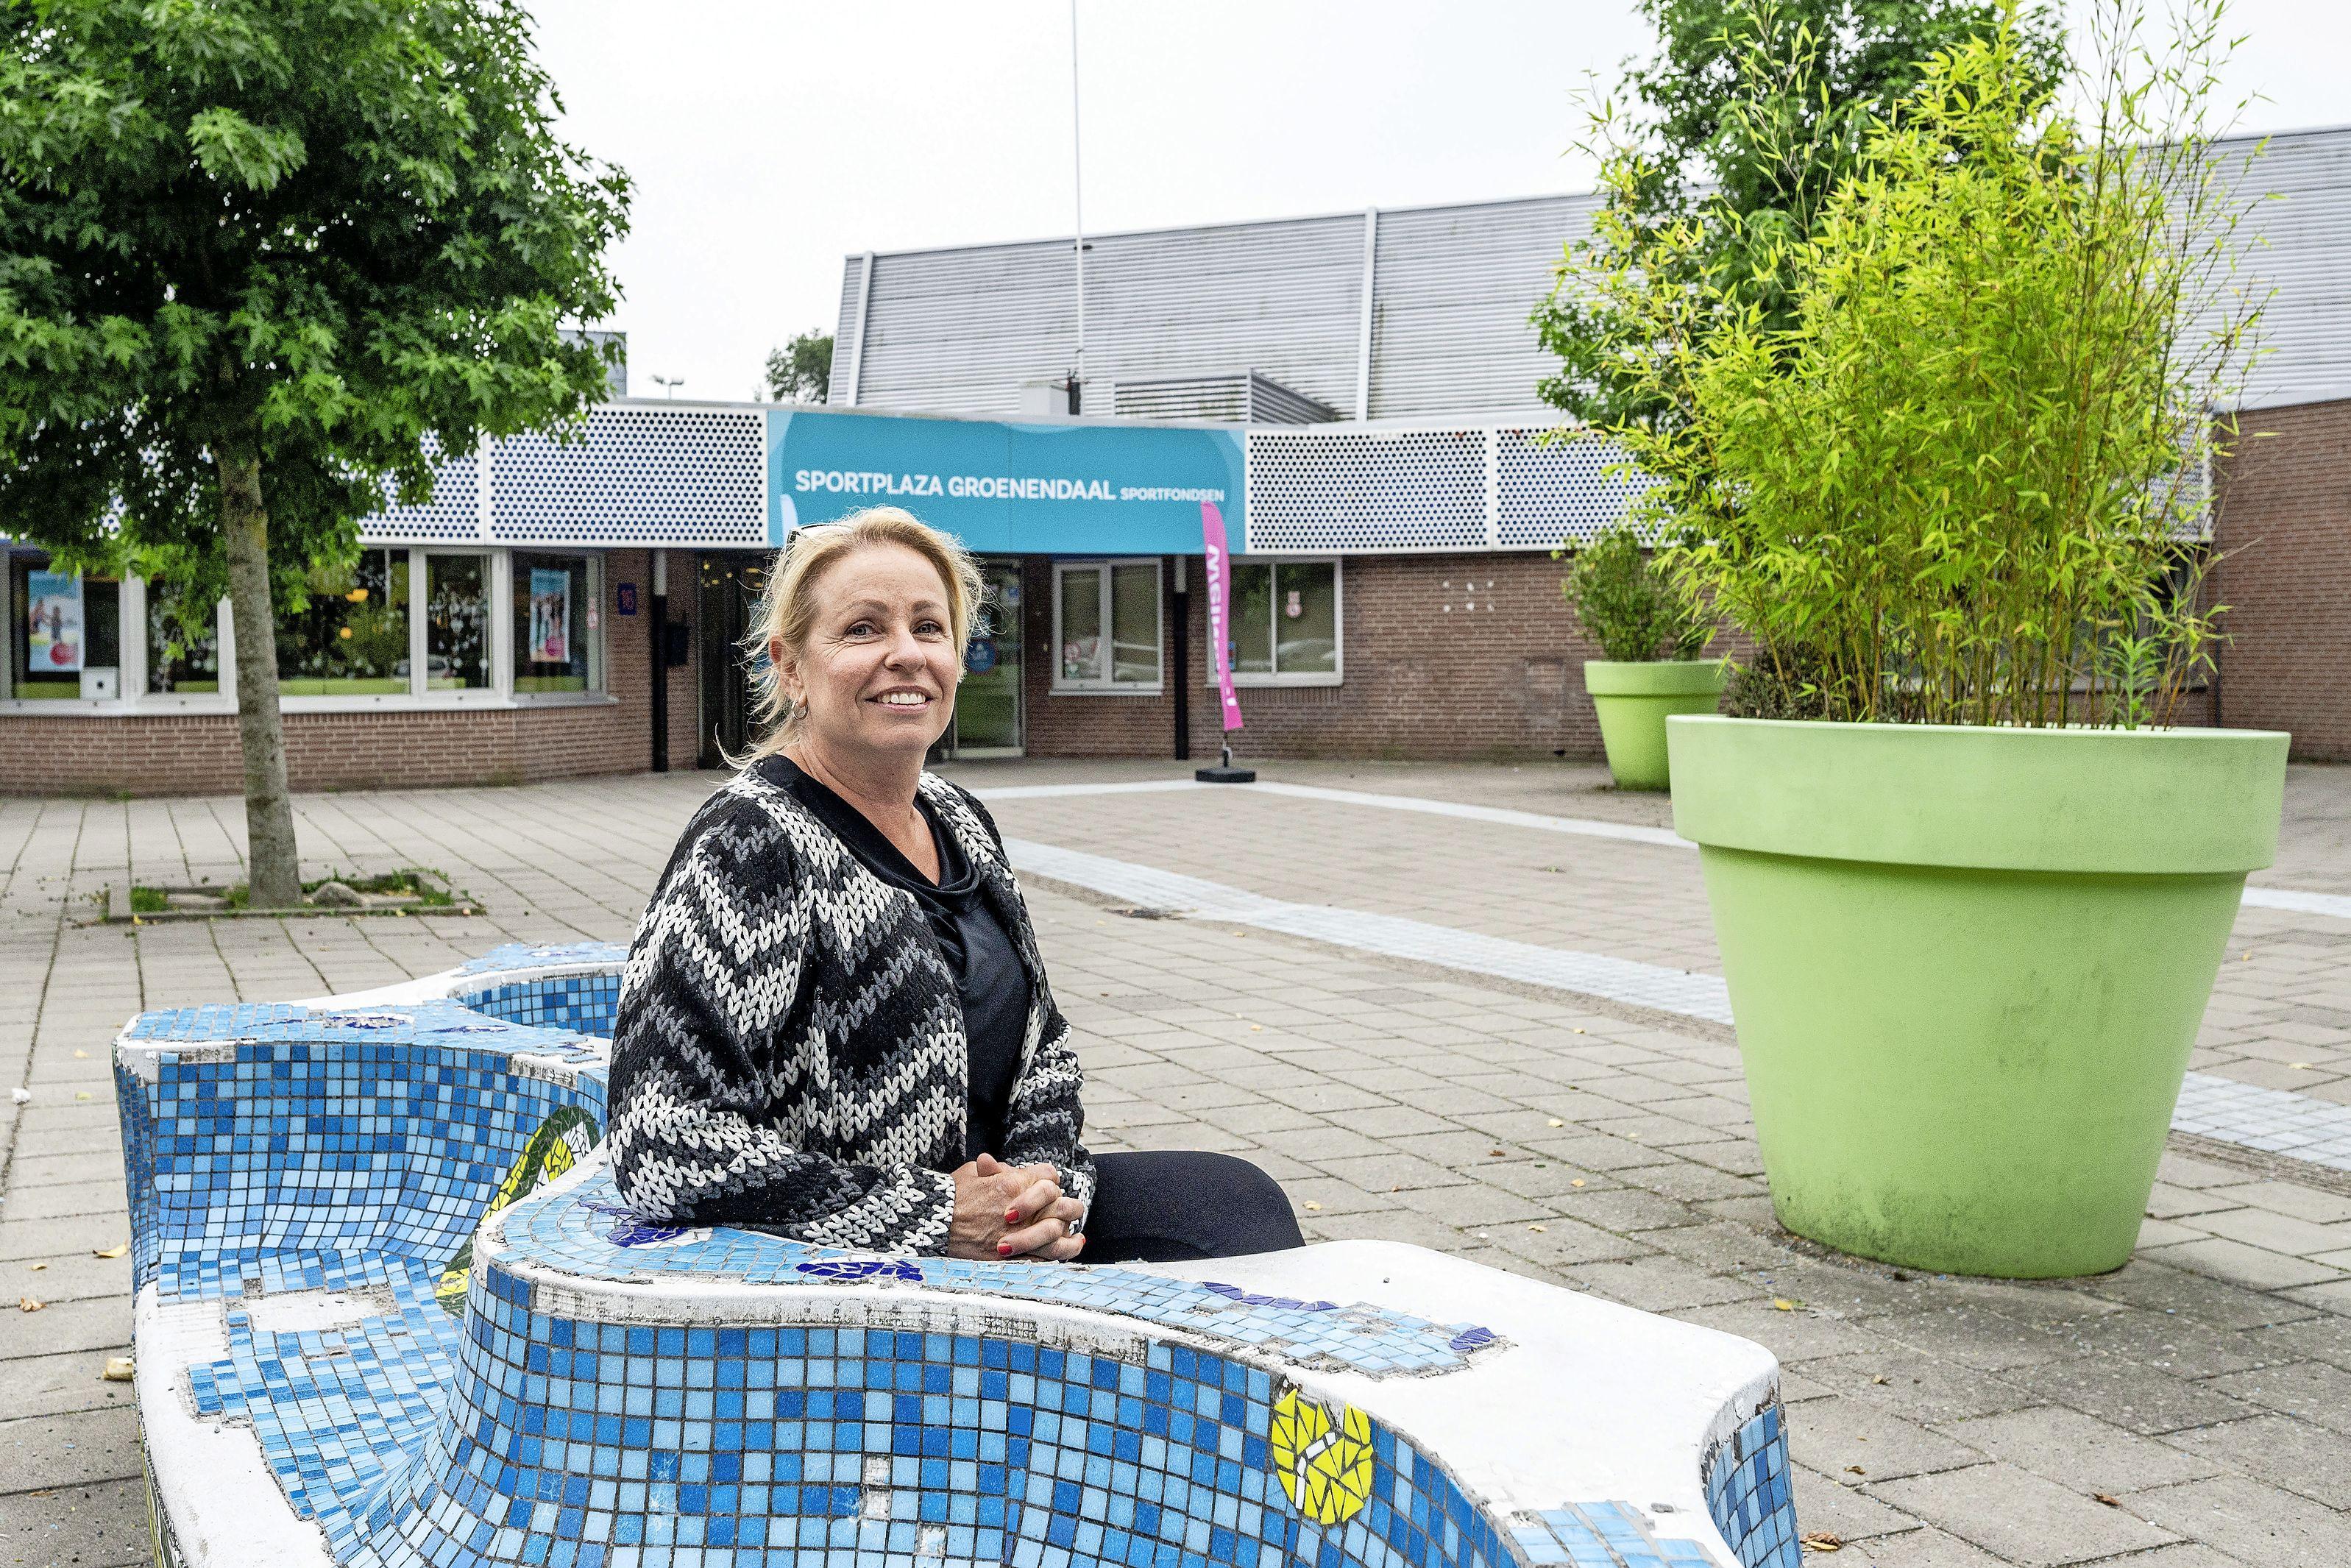 Nostalgisch verlangen naar zorgeloze zomers: petitie voor een buitenzwembad in Heemstede al dik 500 keer ondertekend